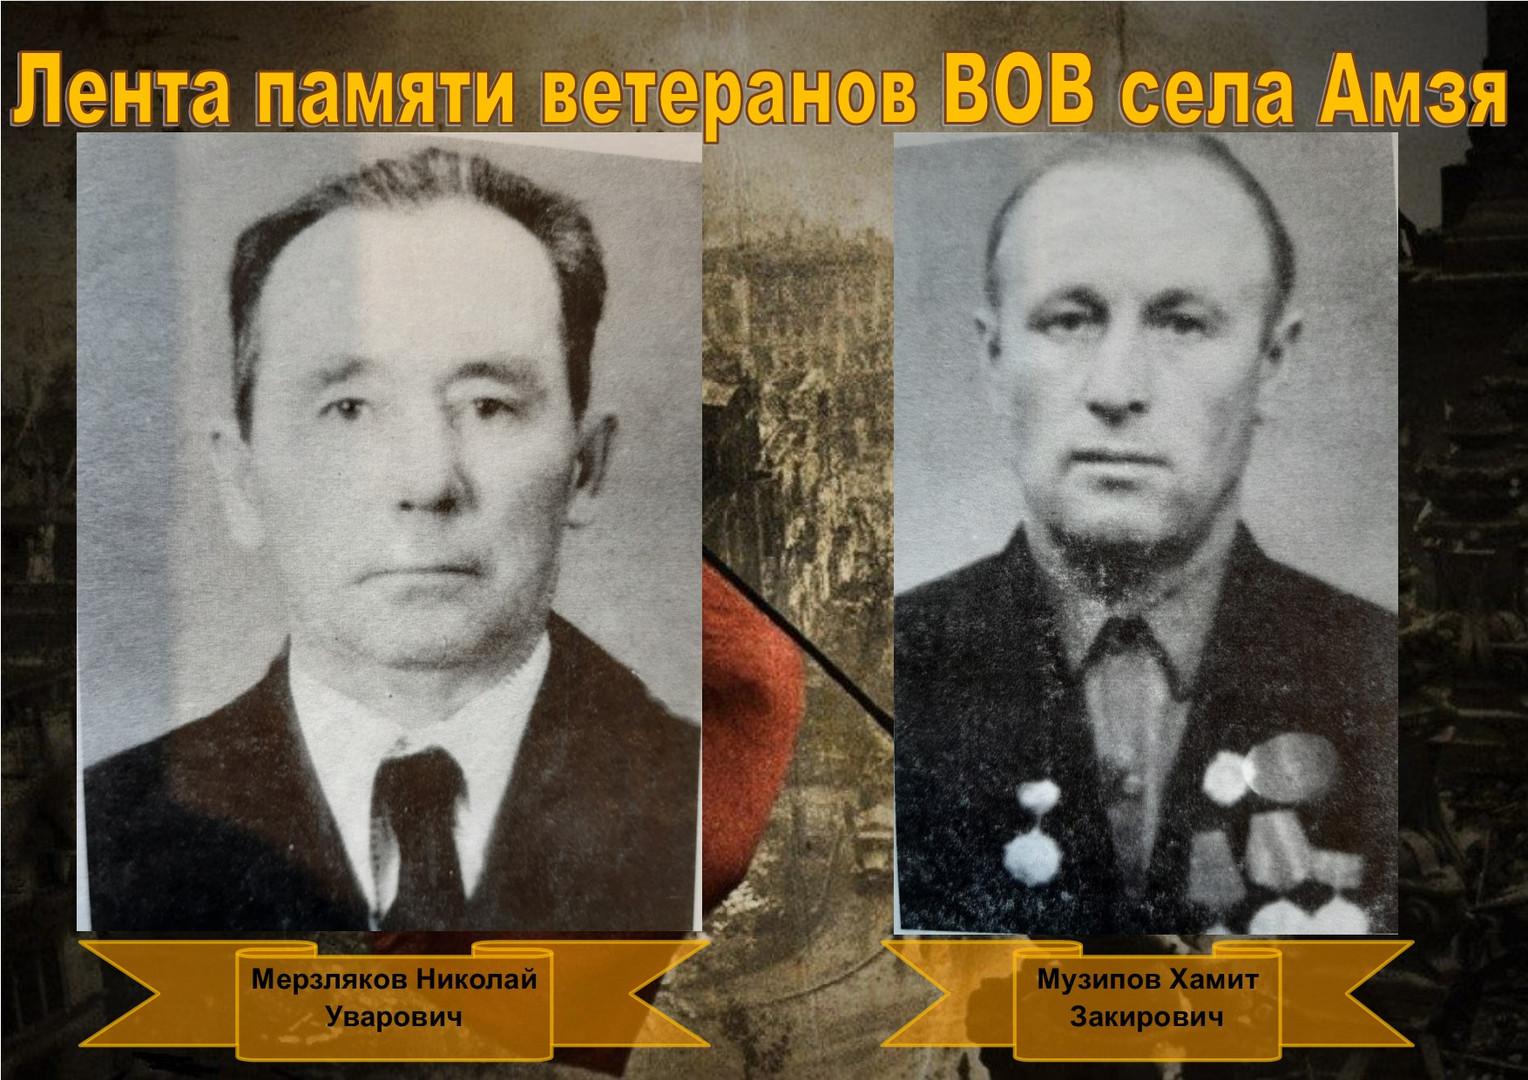 Мерзляков-Музипов.jpg